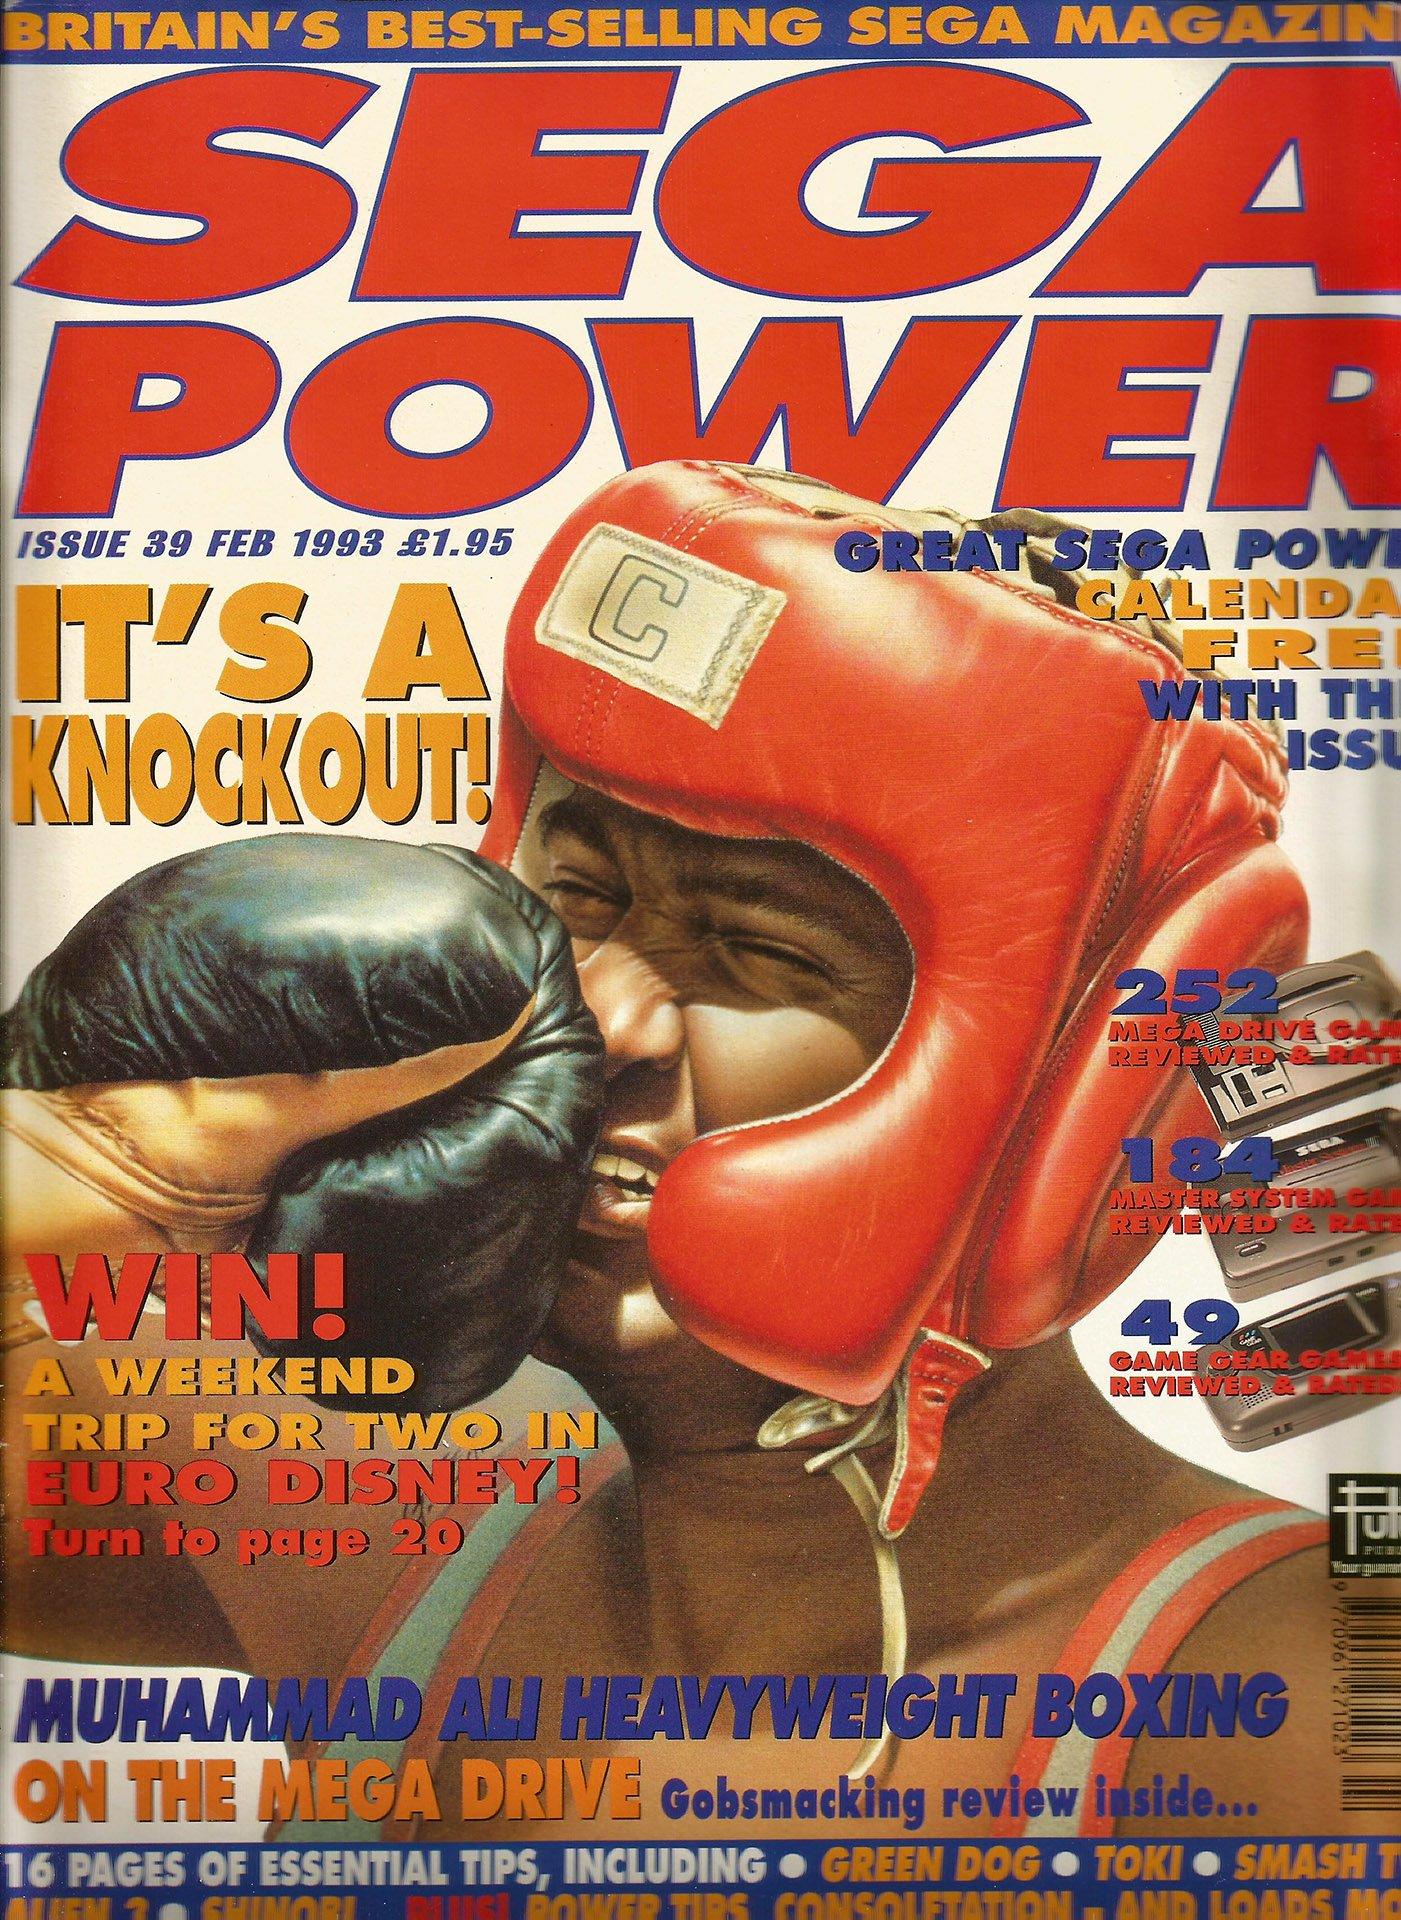 Sega Power Issue 39 (February 1993)